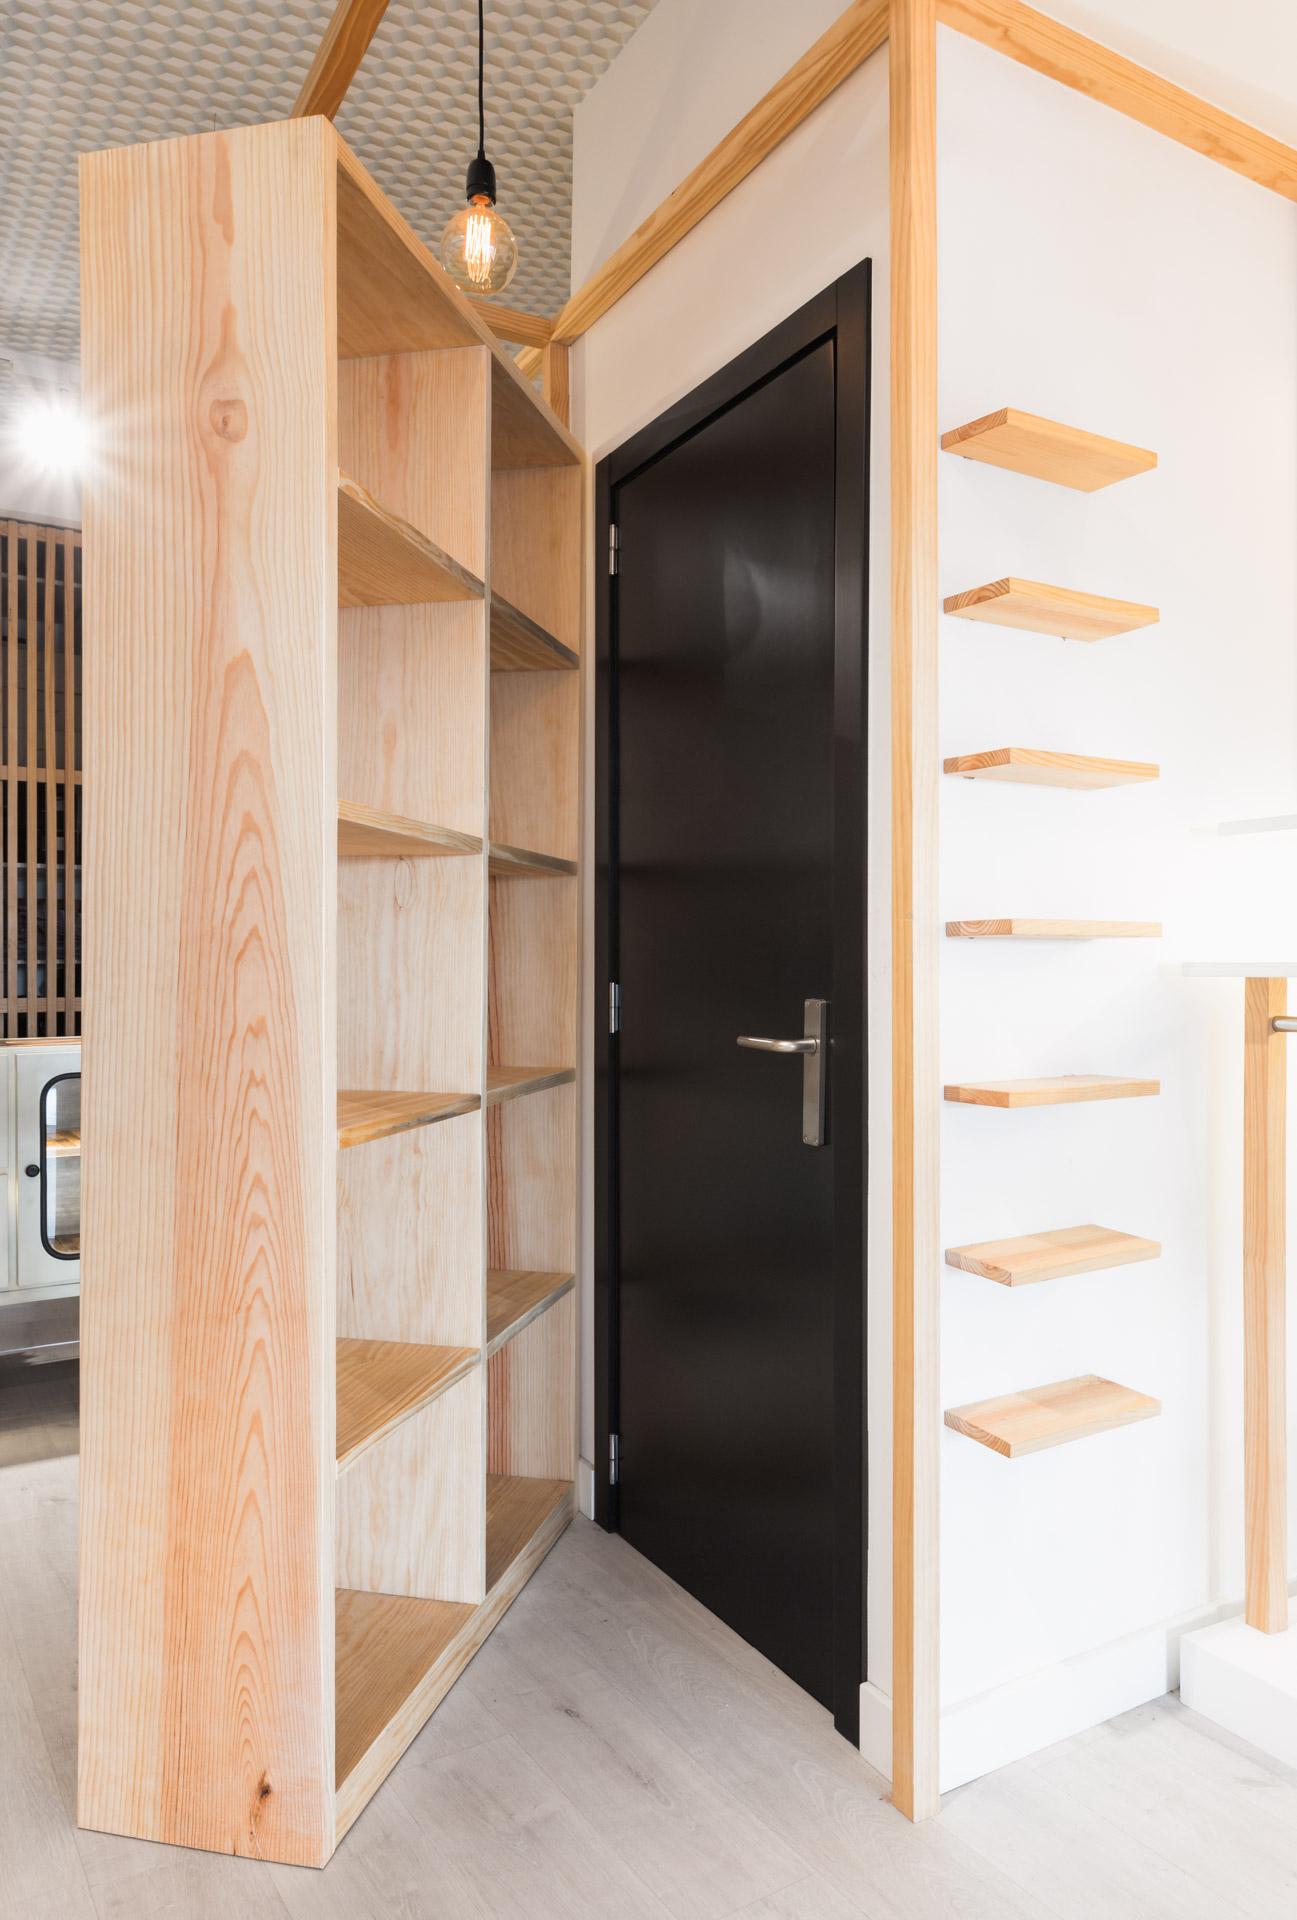 Tienda de moda NORD   Concept Habitat - Tienda de moda NORD   Concept Habitat Studio - Tienda de moda NORD   Concept Habitat Studio   Jose Chas